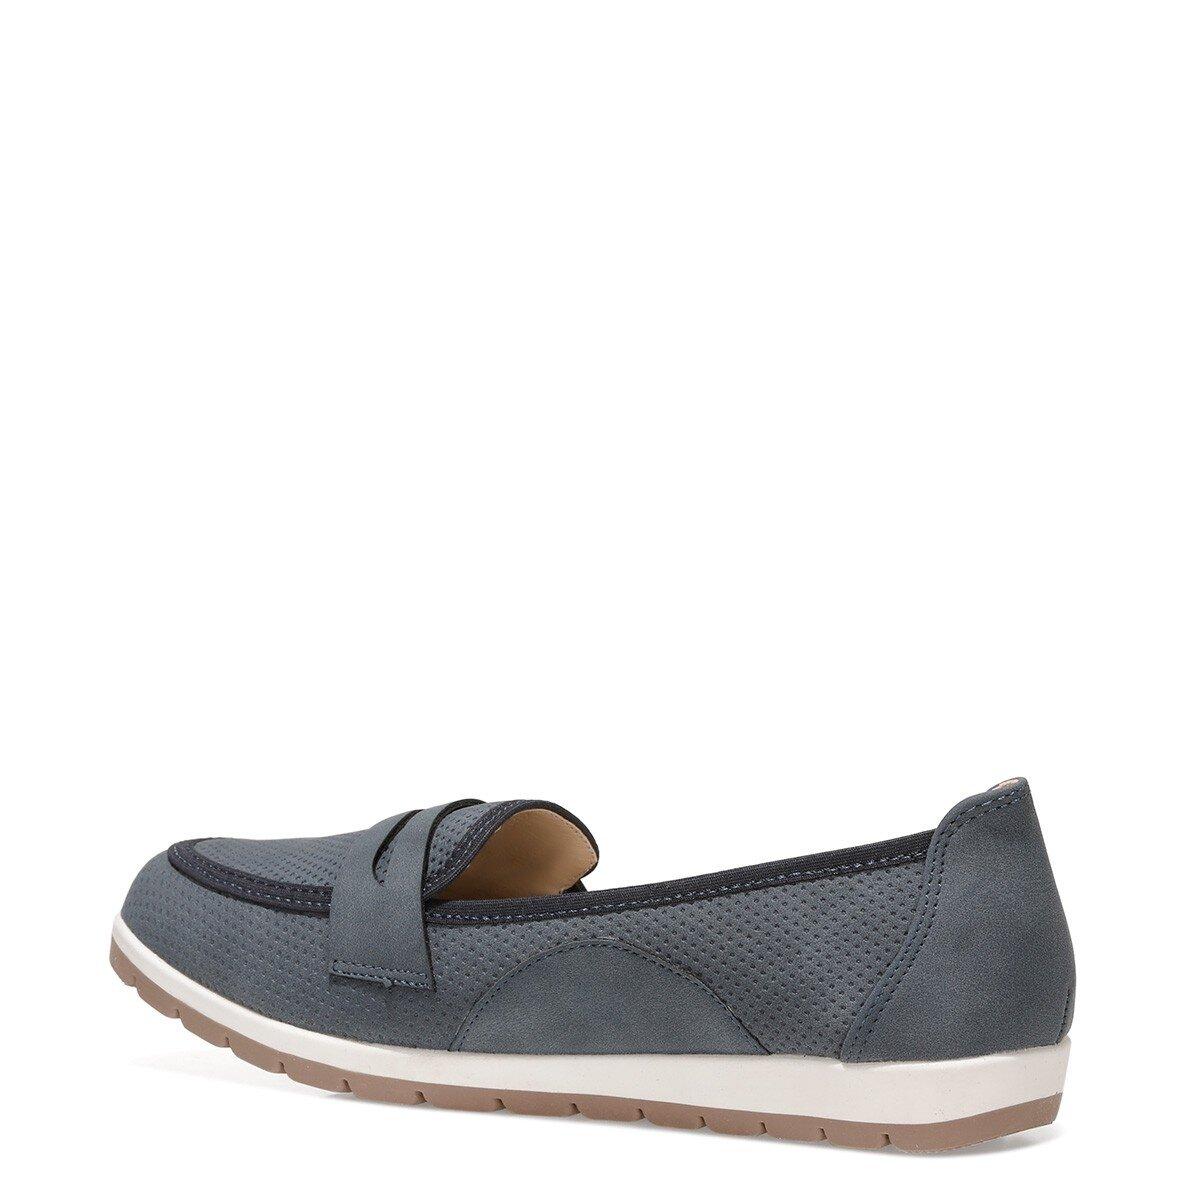 TAMMY 1FX Lacivert Kadın Loafer Ayakkabı